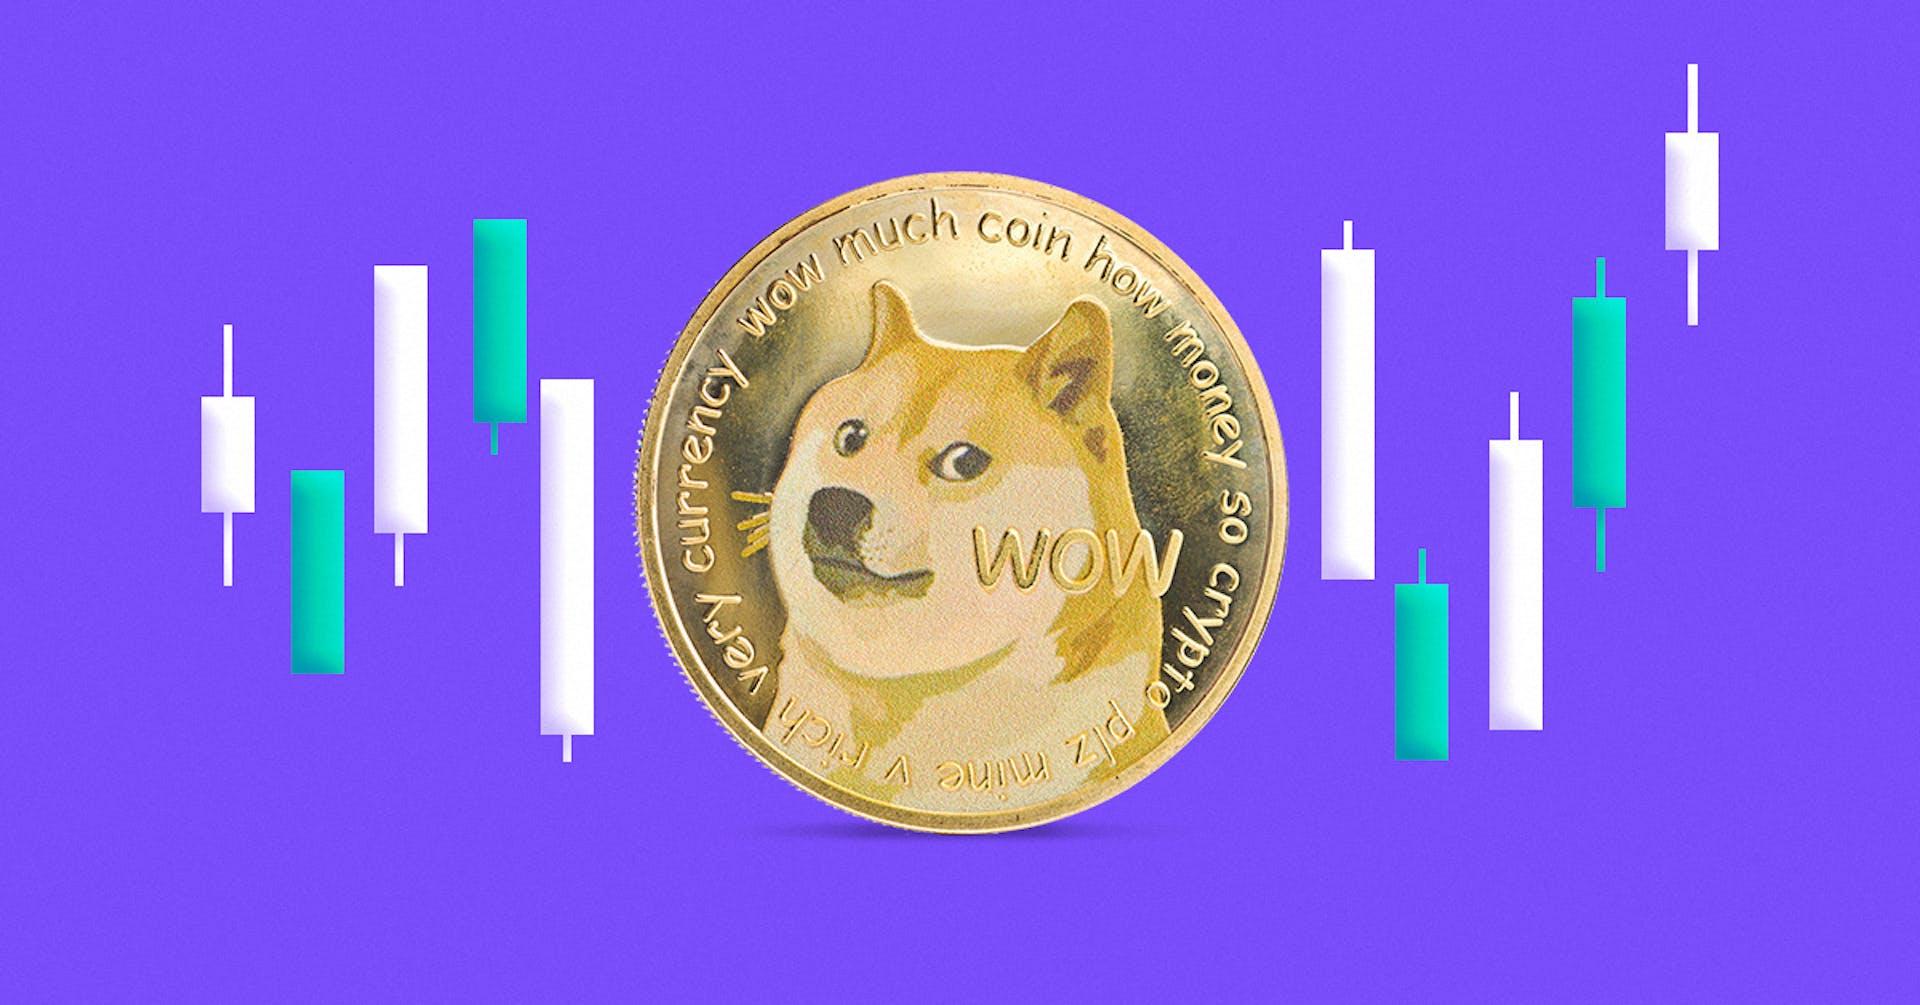 ¿Qué es Dogecoin? La criptomoneda que aspira con llegar a la luna